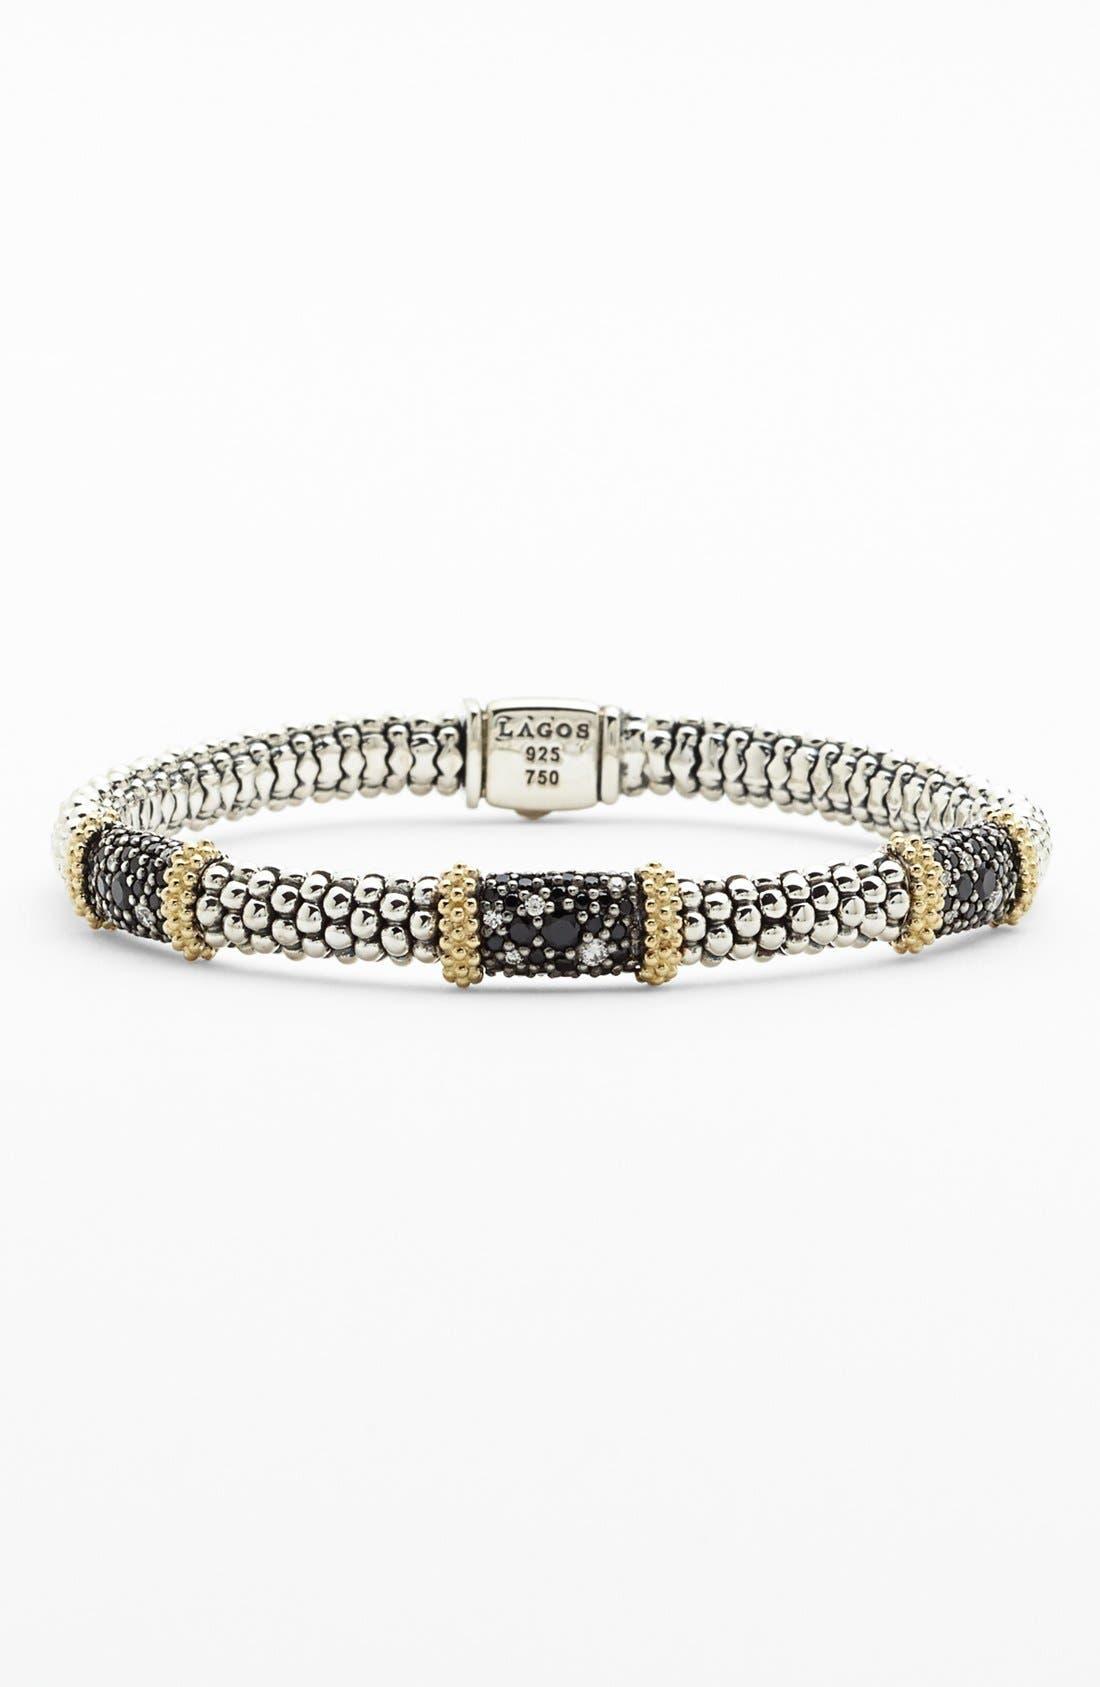 Alternate Image 1 Selected - Lagos 'Nightfall' Caviar™ Diamond Rope Bracelet